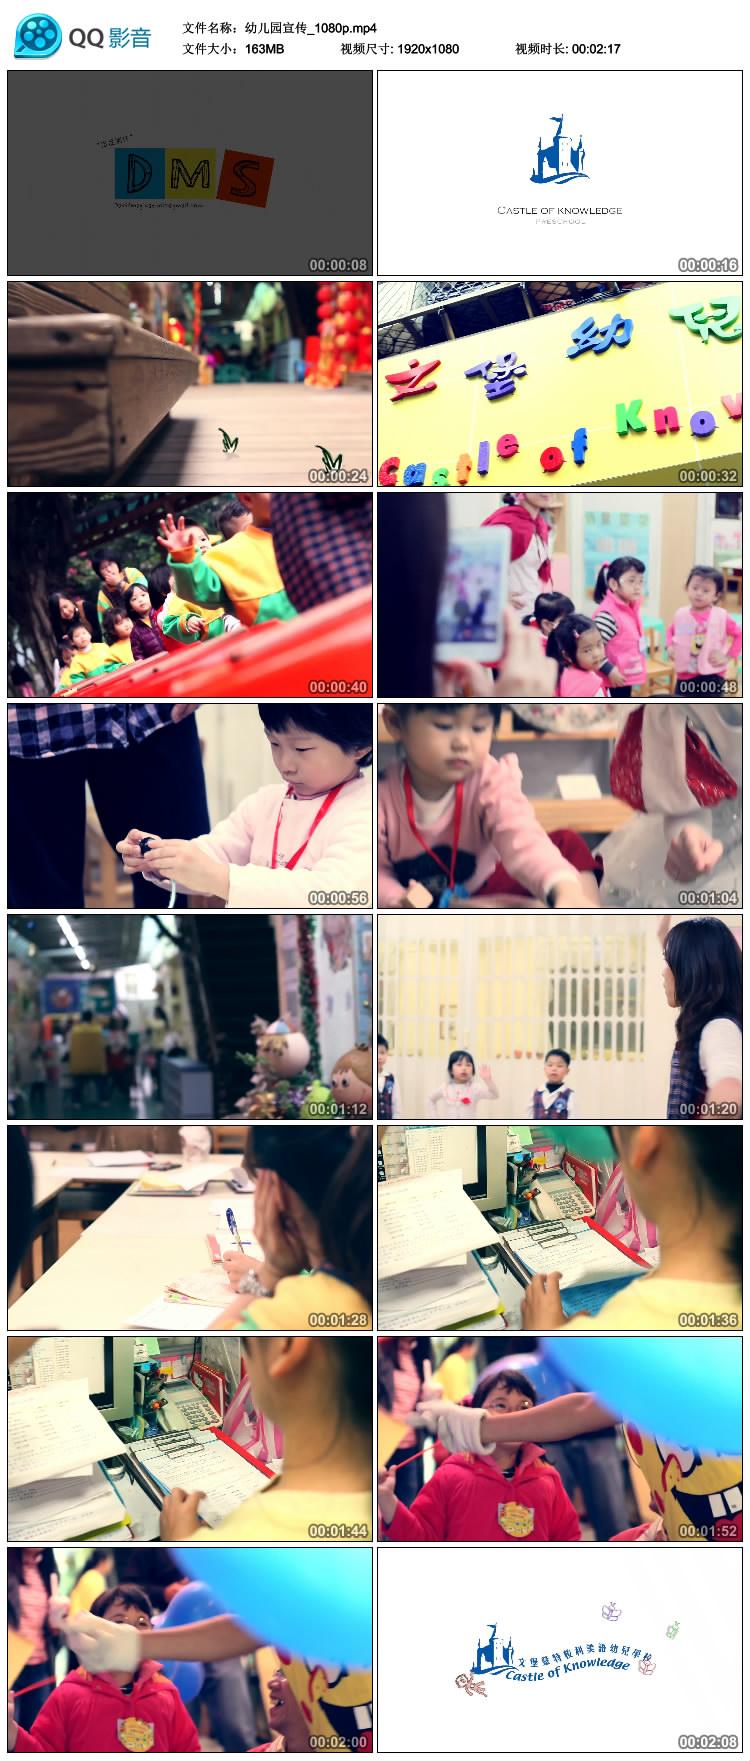 幼儿园儿童小孩上课学习课间活动幼师学生互动游戏高清视频素材